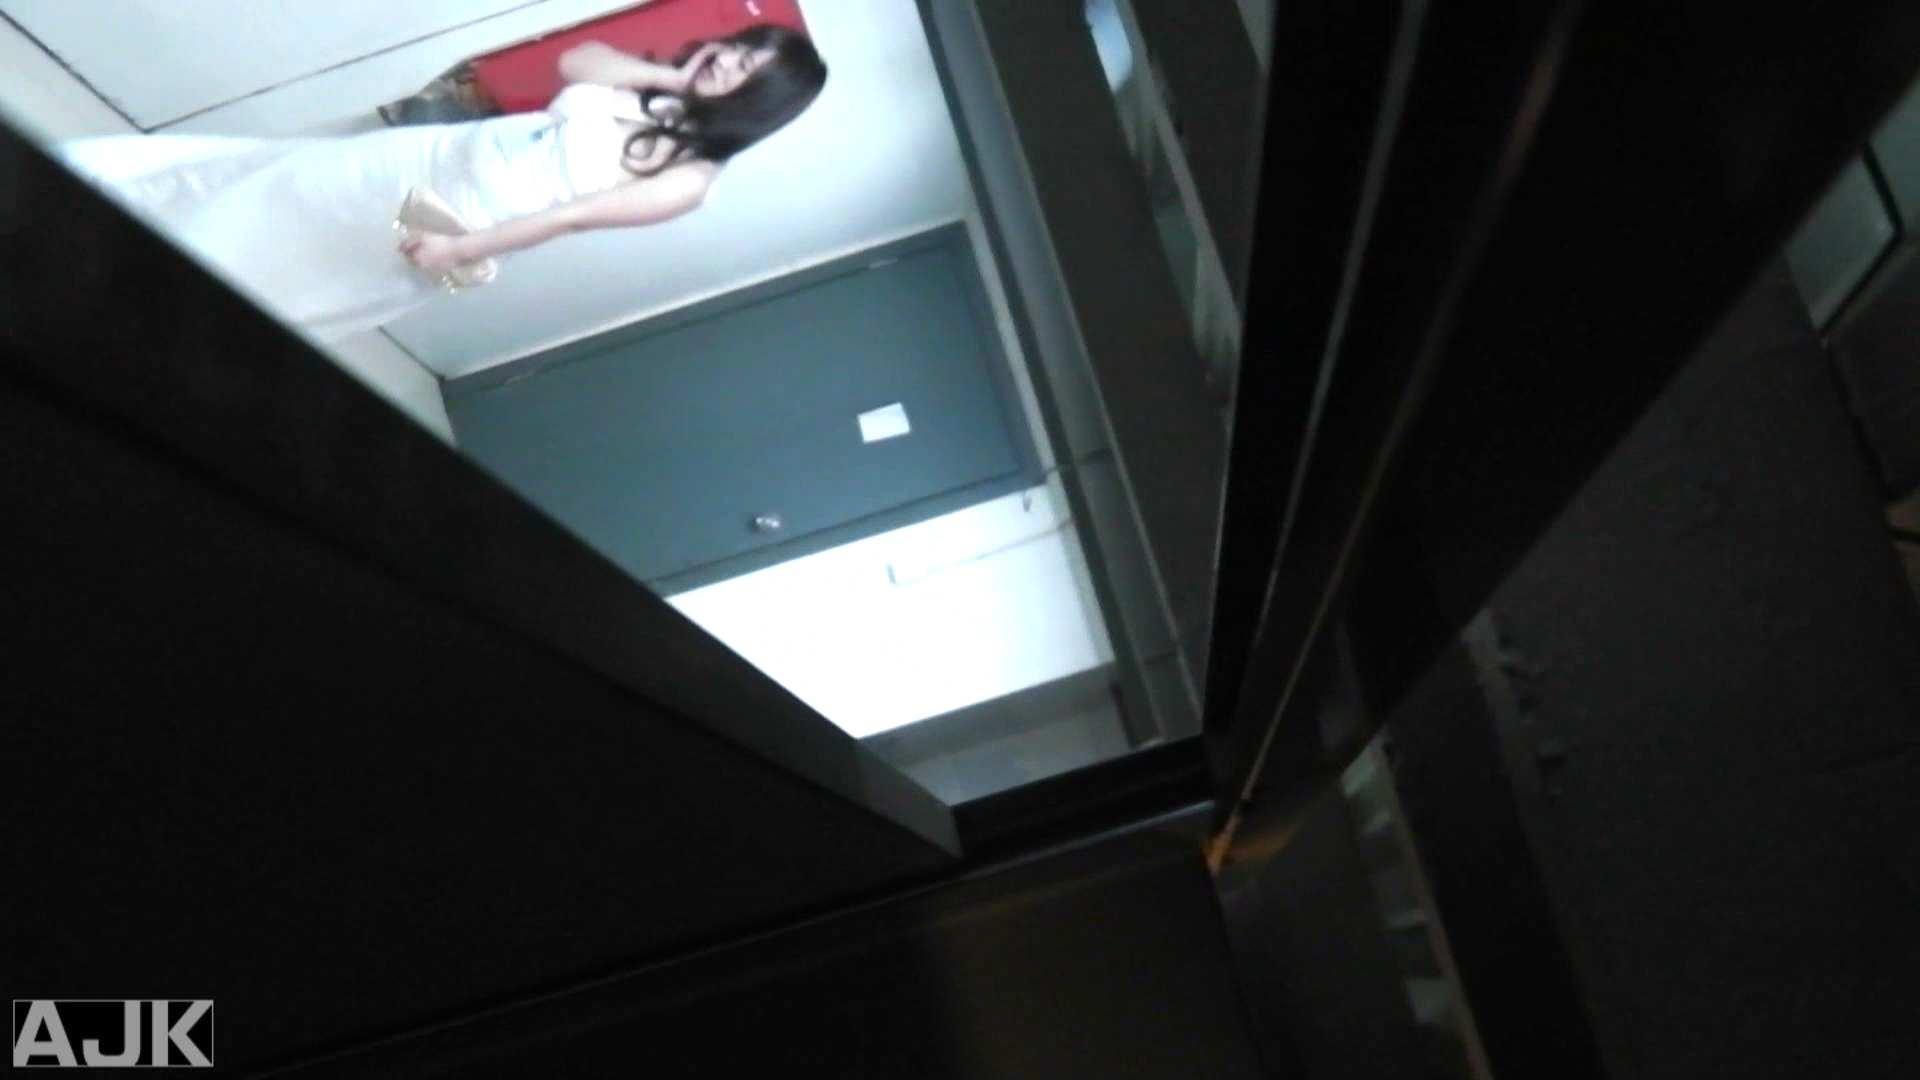 隣国上階級エリアの令嬢たちが集うデパートお手洗い Vol.25 女子トイレ AV無料動画キャプチャ 94枚 53